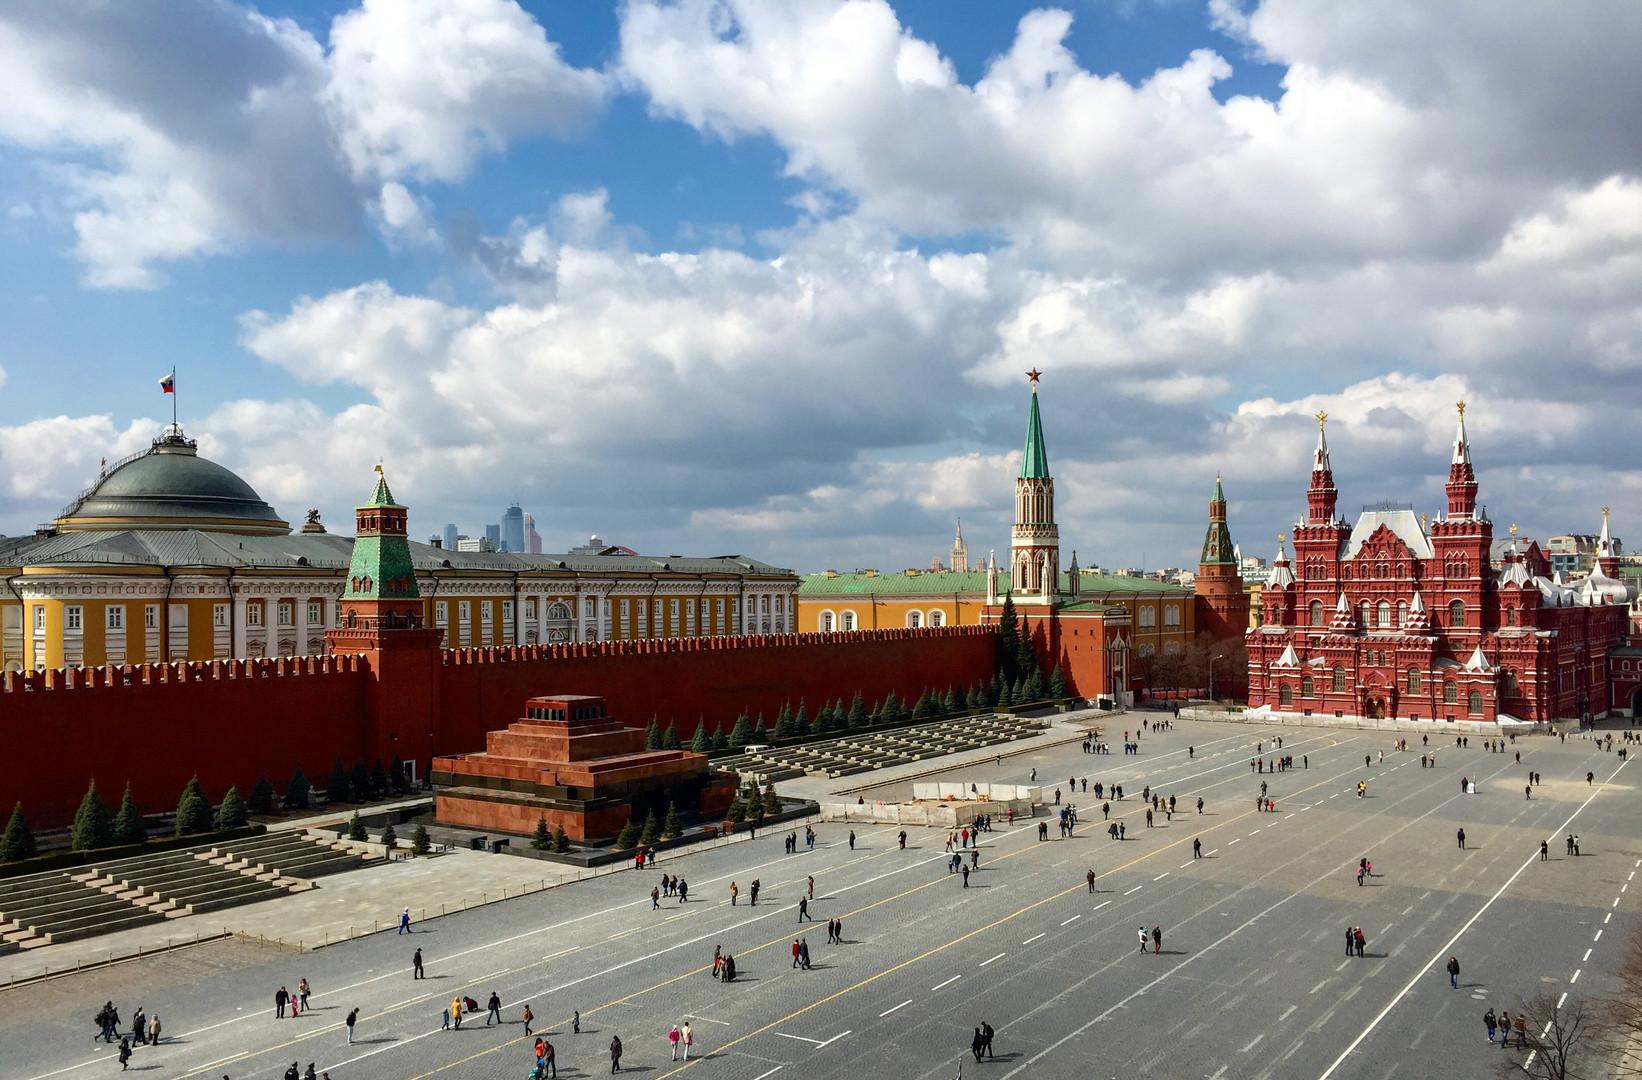 Хоть раз в жизни: Красная площадь вошла в топ-30 мест Европы, которые следует увидеть